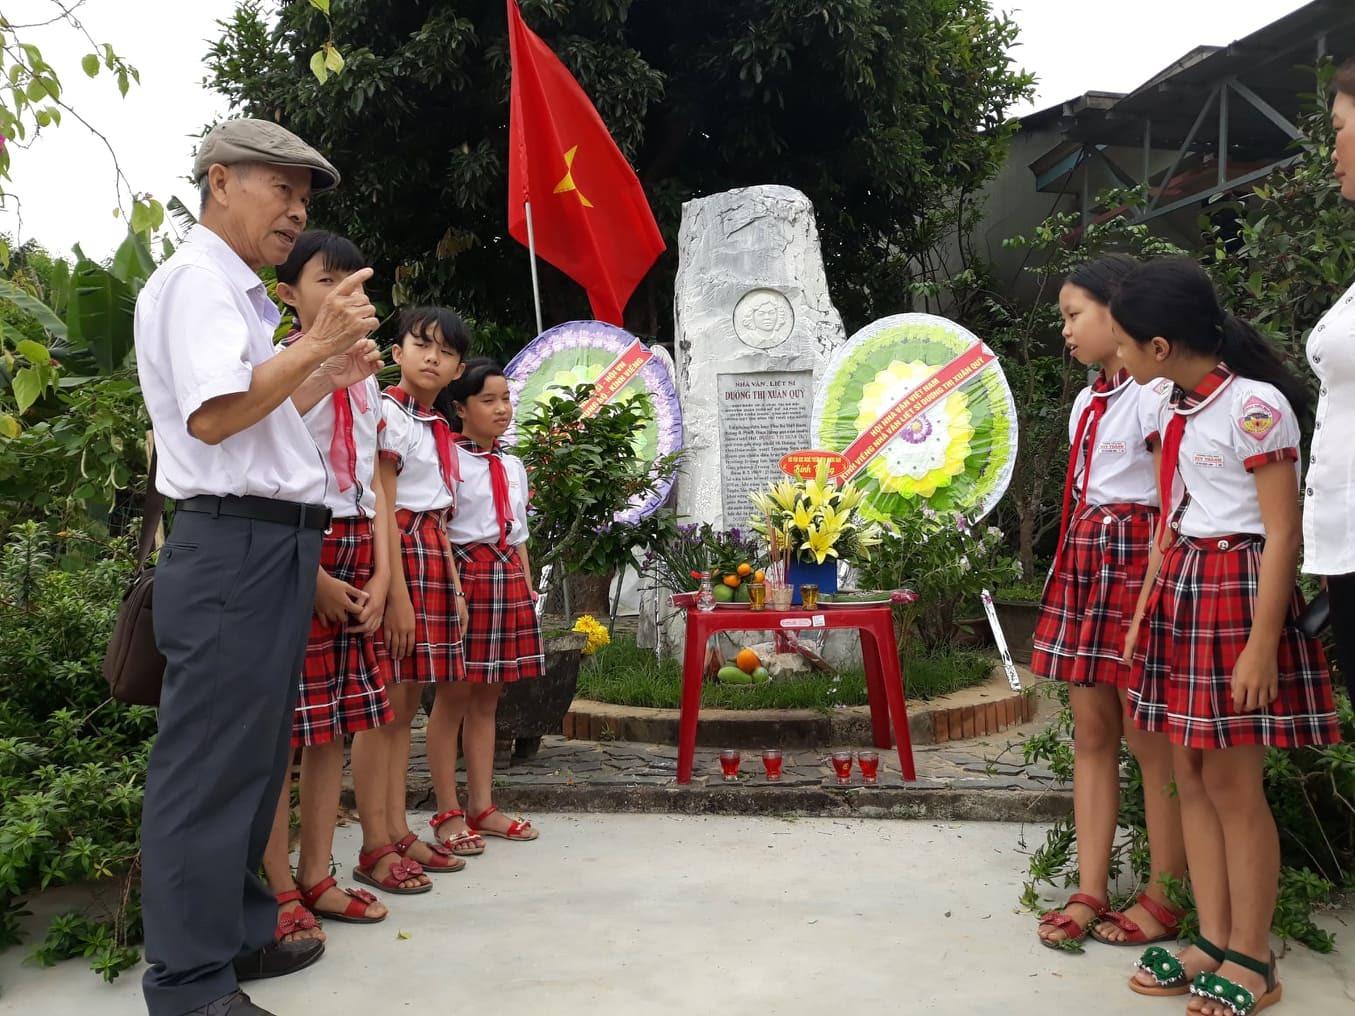 Nhà văn Hồ Duy Lệ kể chuyện về nhà văn Dương Thị Xuân Quý. Ảnh: Q.H